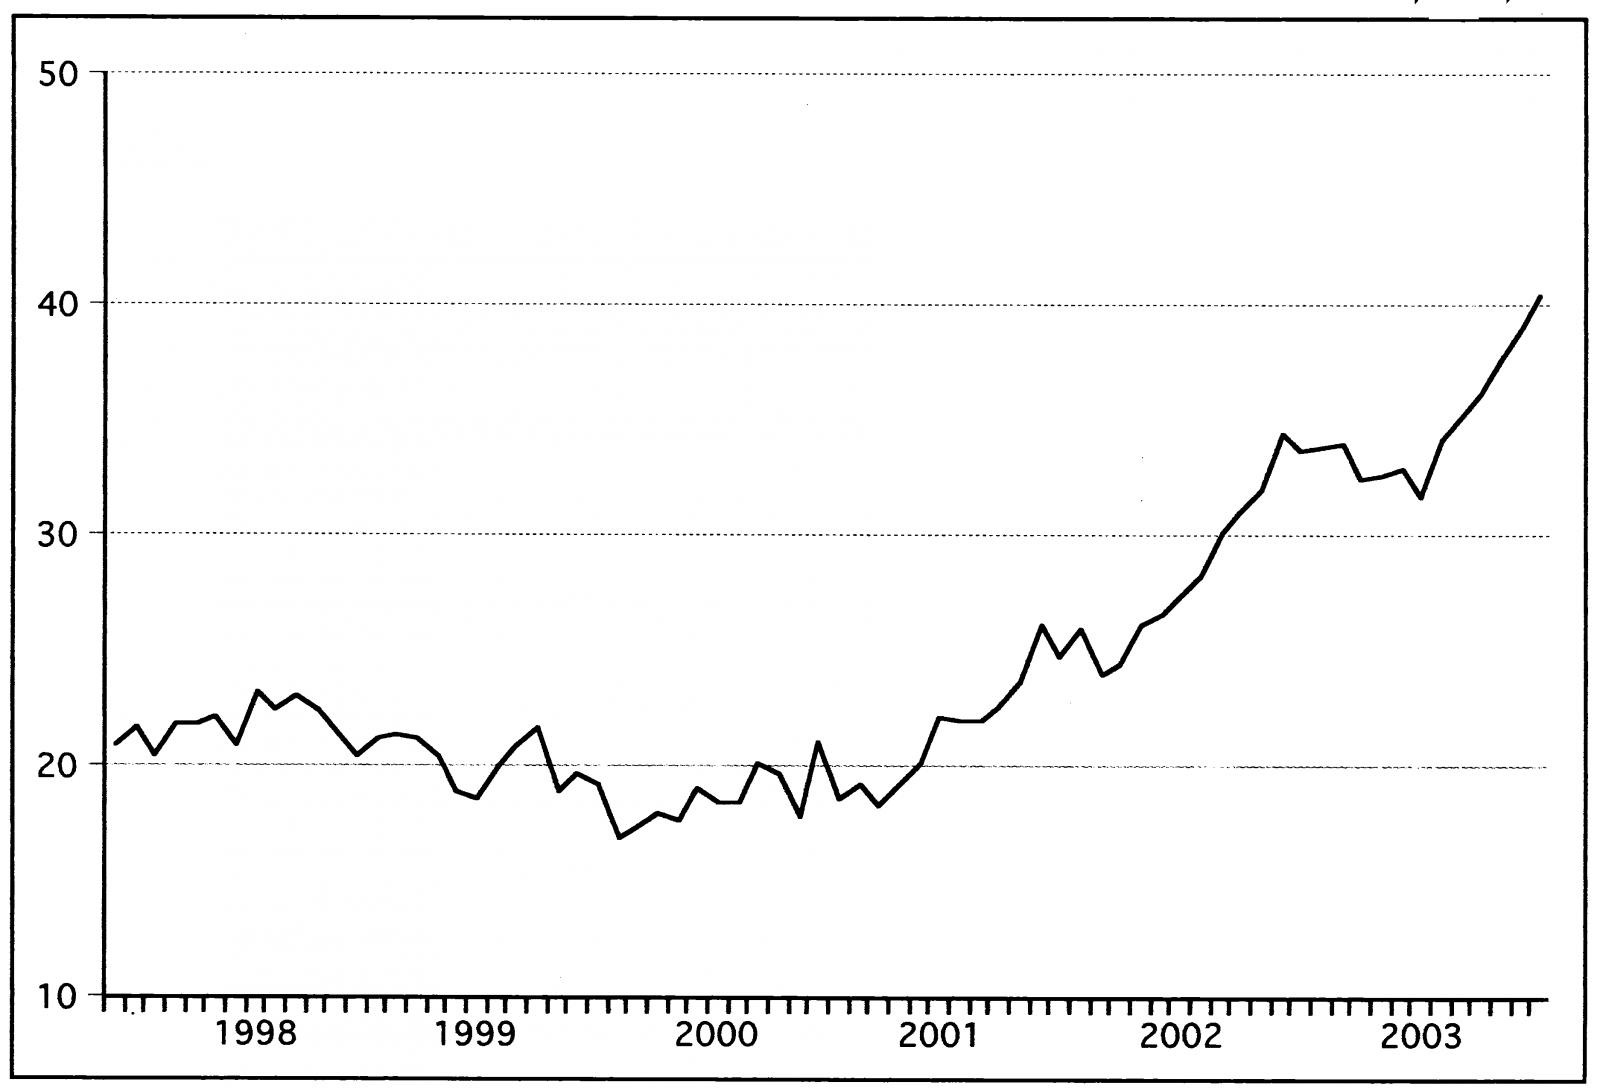 ריטס 3 - גרף מניה